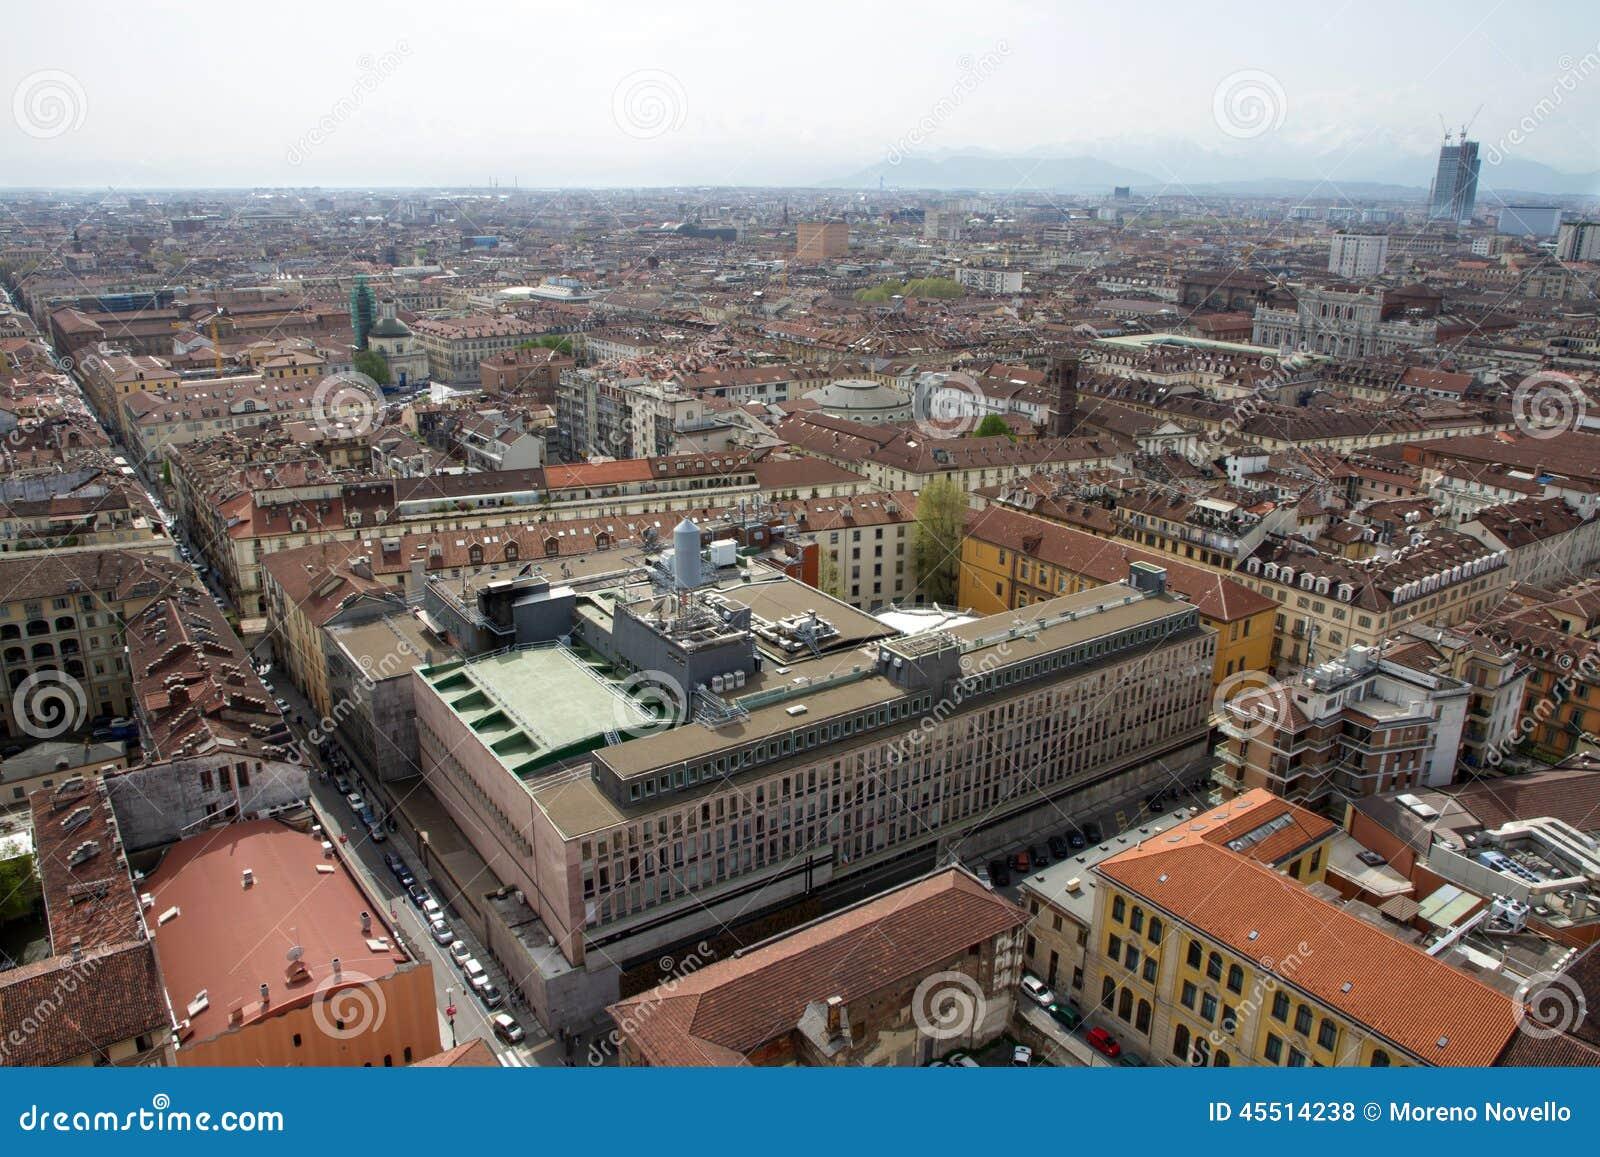 Italy Torino